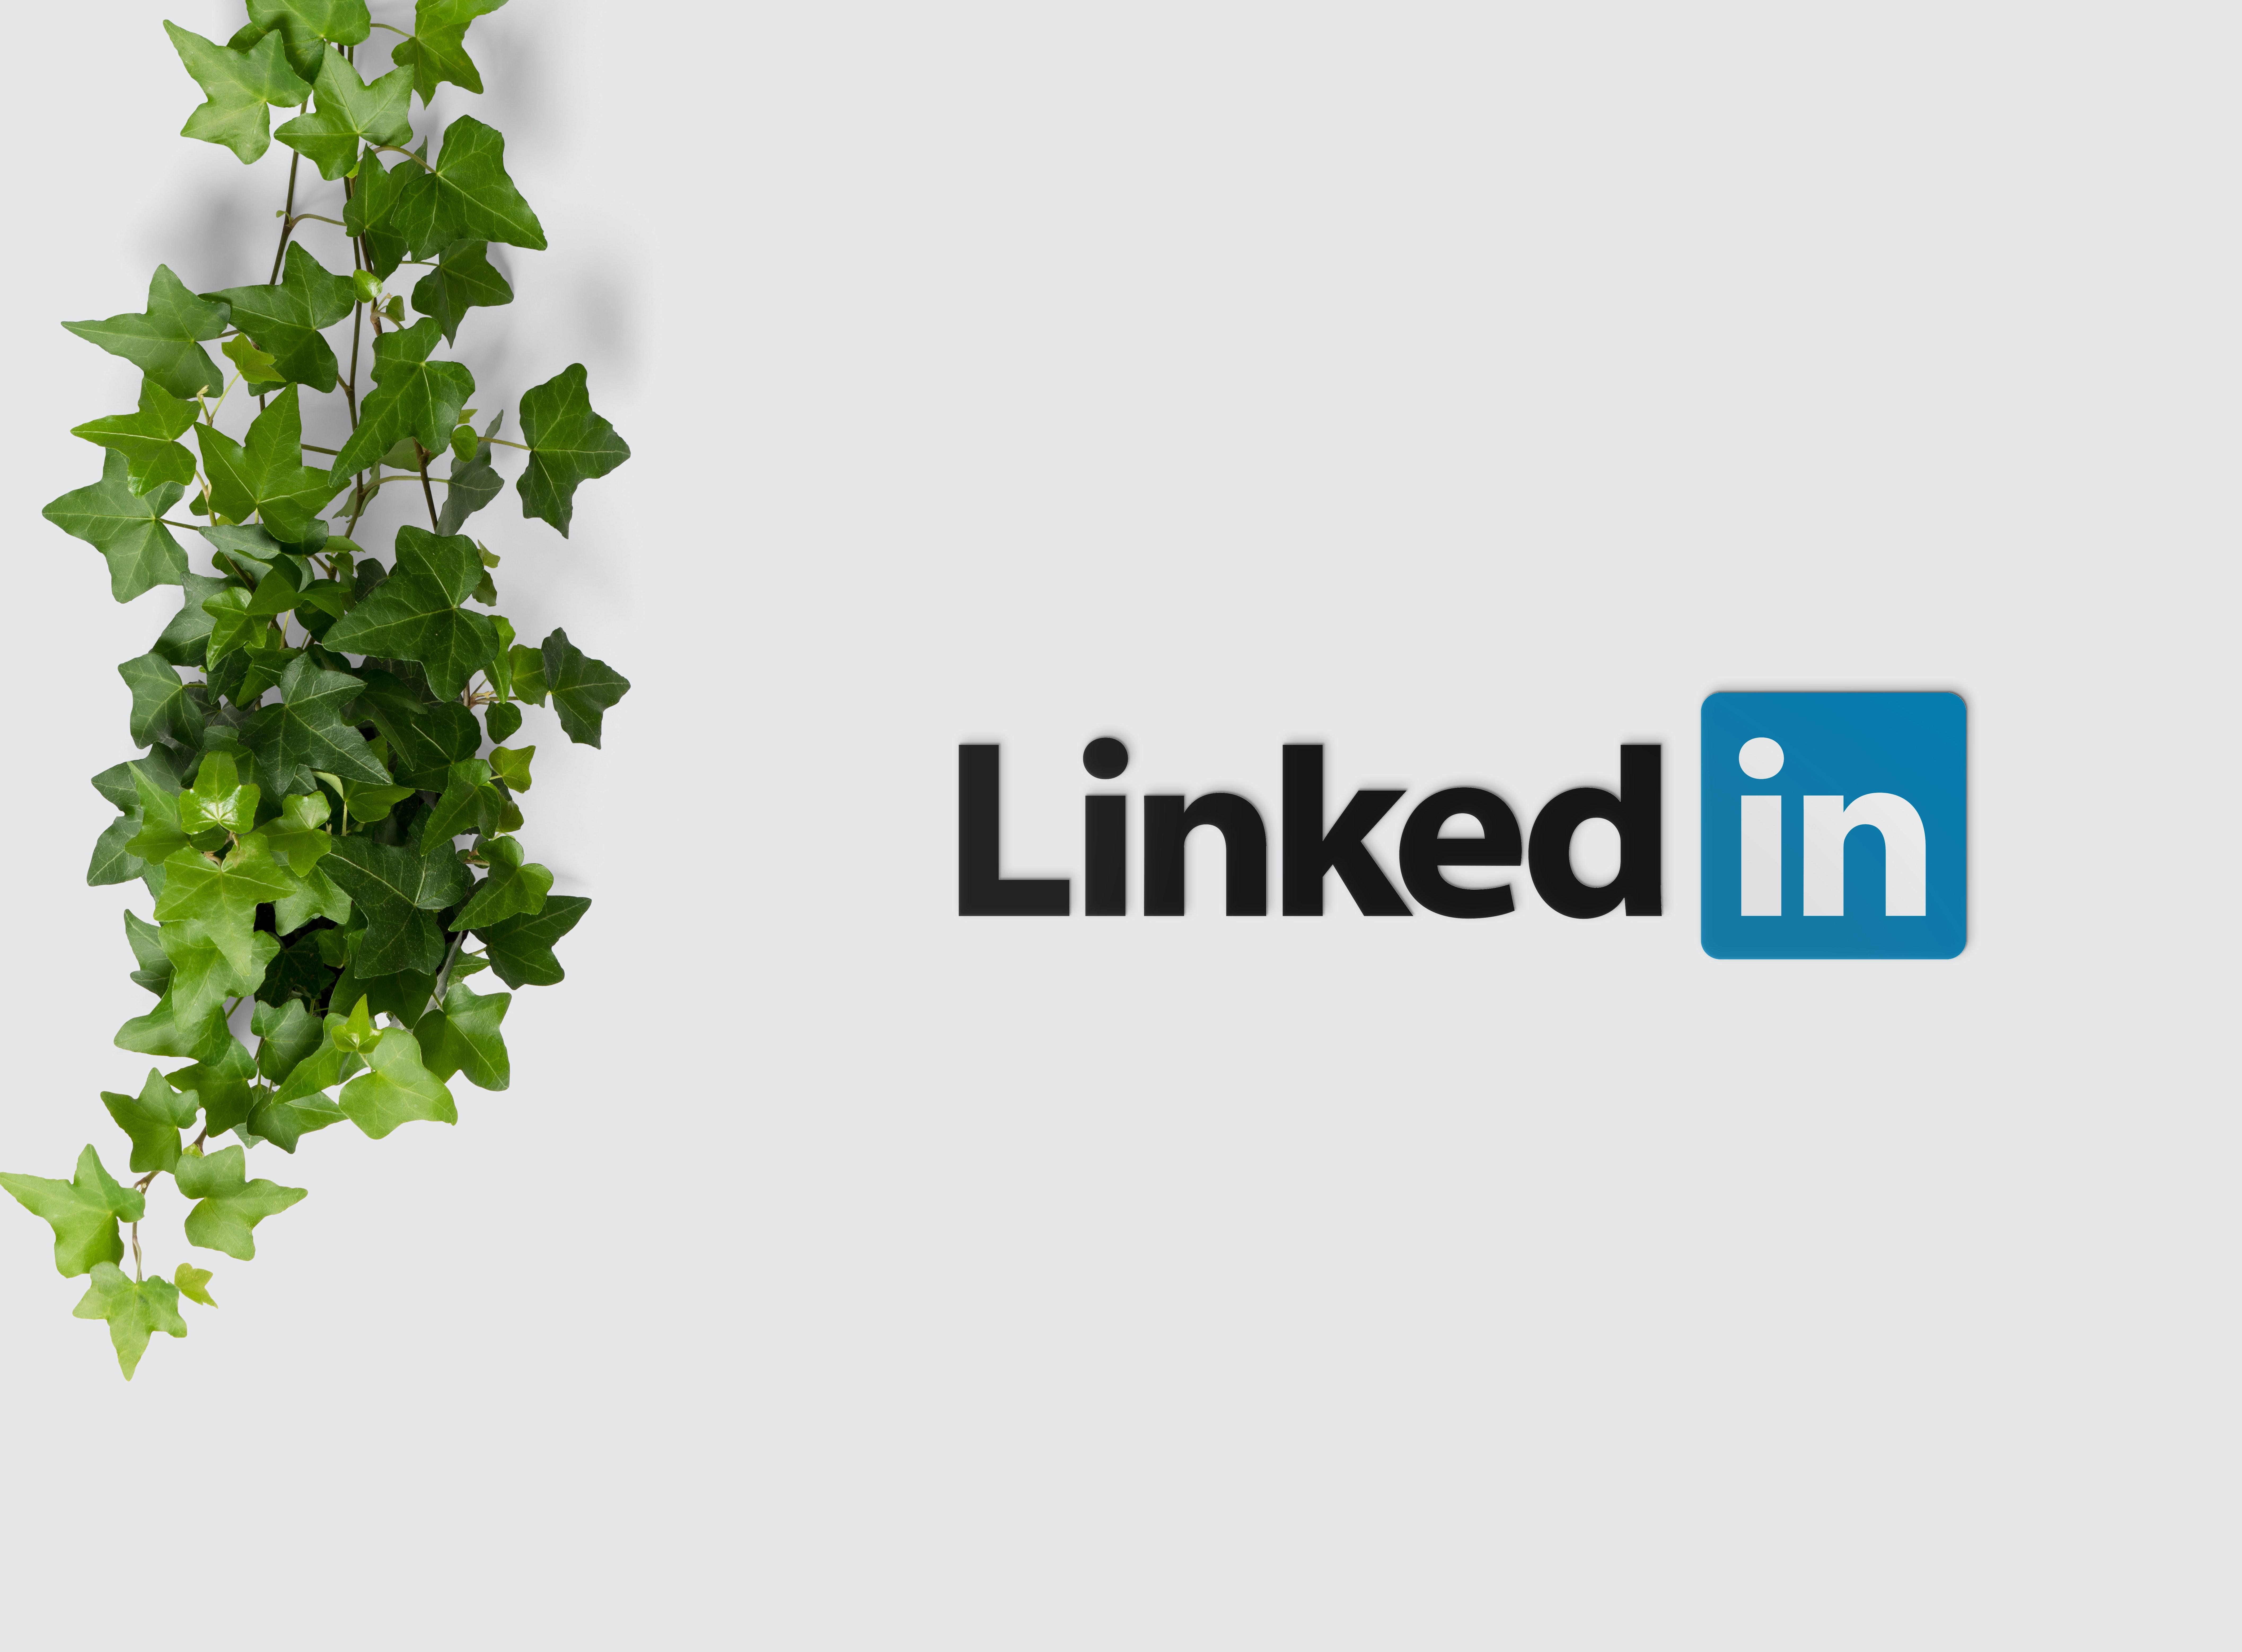 LinkedIn per a empreses